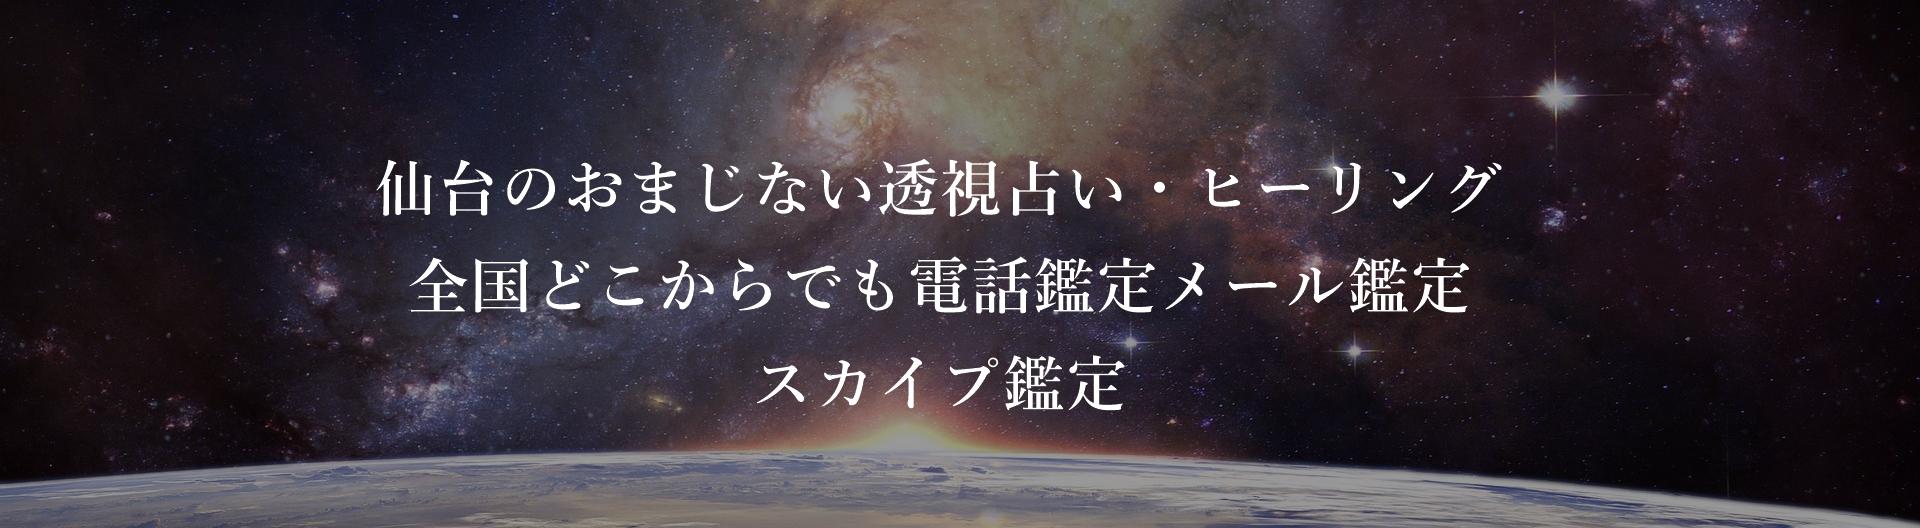 東明瞳光の公式ホームページ